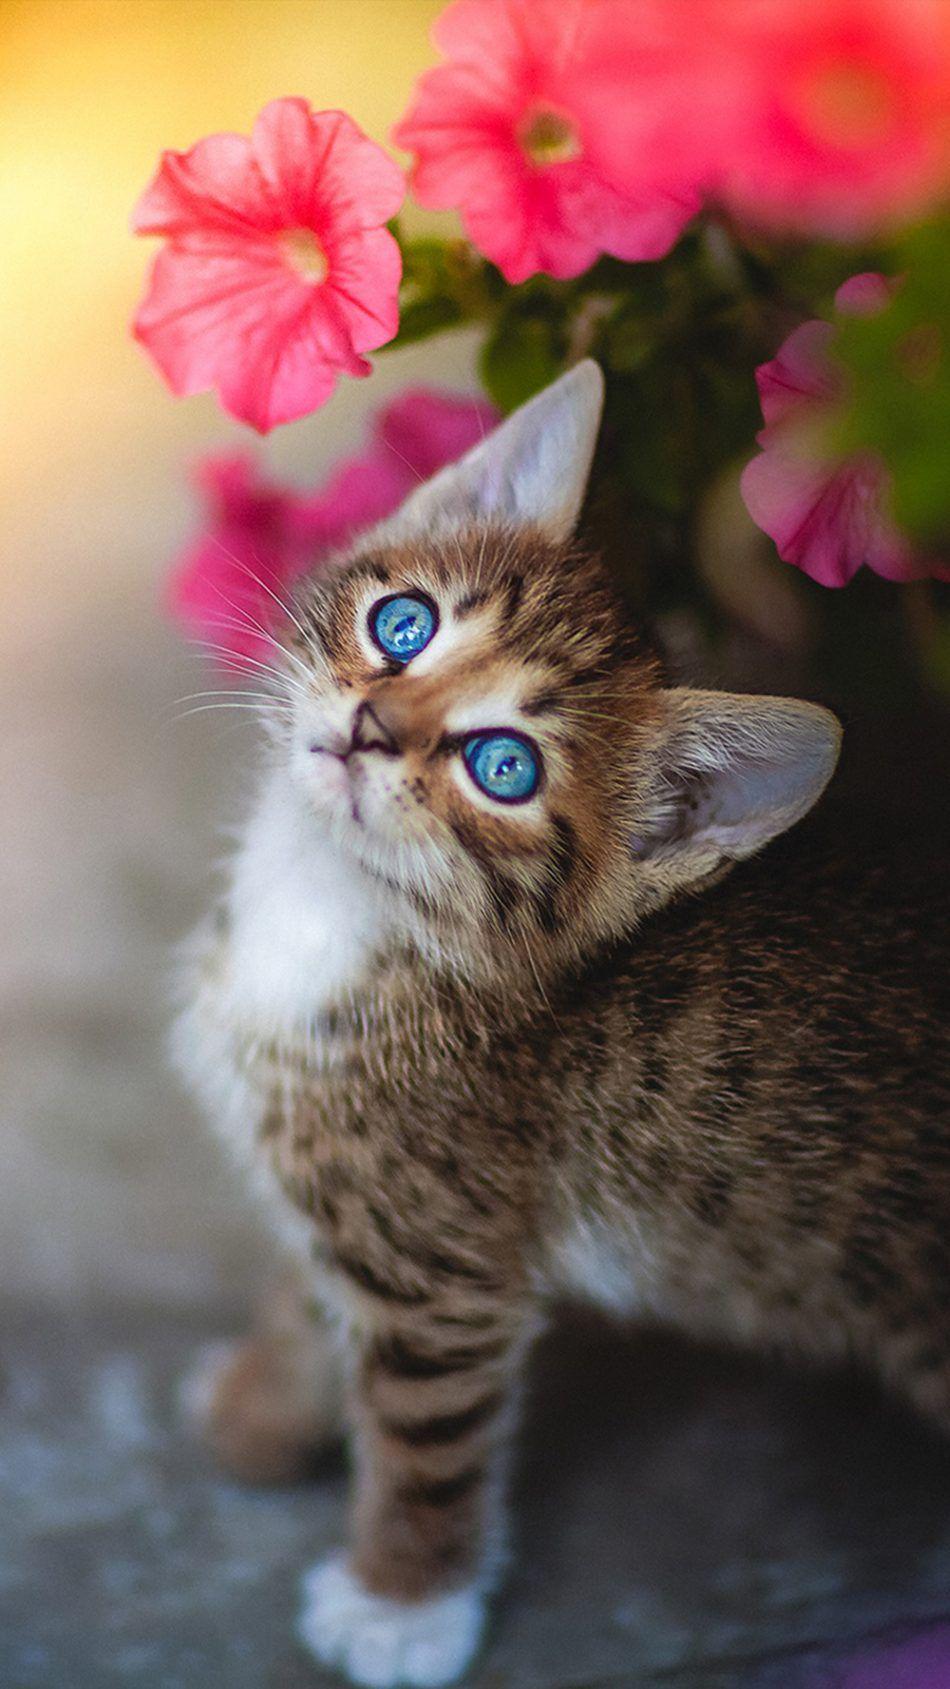 Cute Kitten Blue Eyes Flower 4k Ultra Hd Mobile Wallpaper Kittens Cutest Baby Cats Kitten Wallpaper